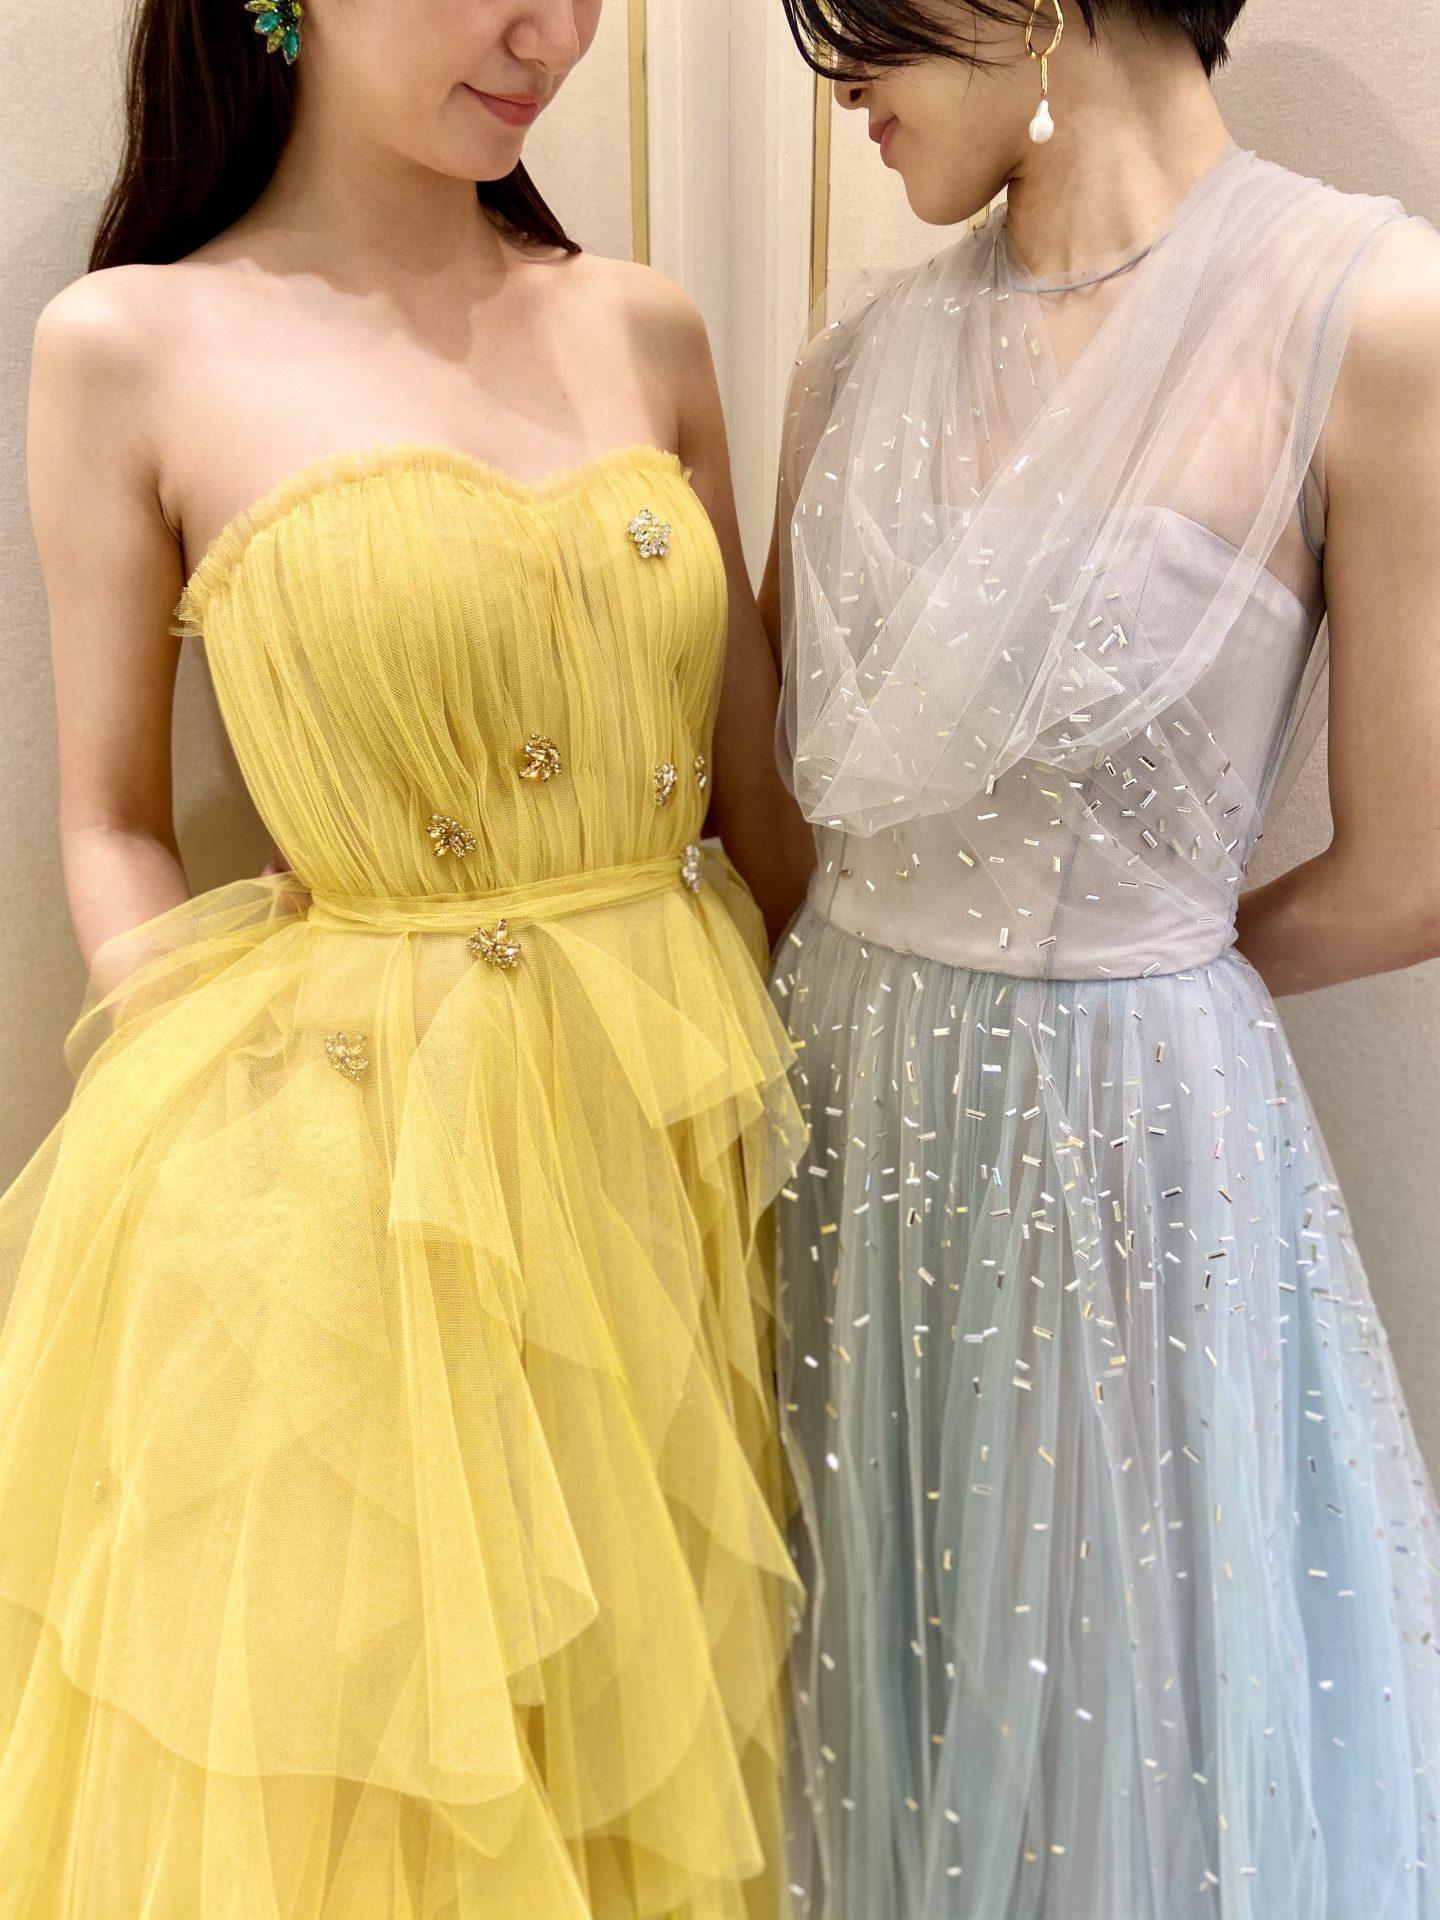 ザ・トリート・ドレッシング大阪店に入荷した新作の色鮮やかなチュールのカラードレス